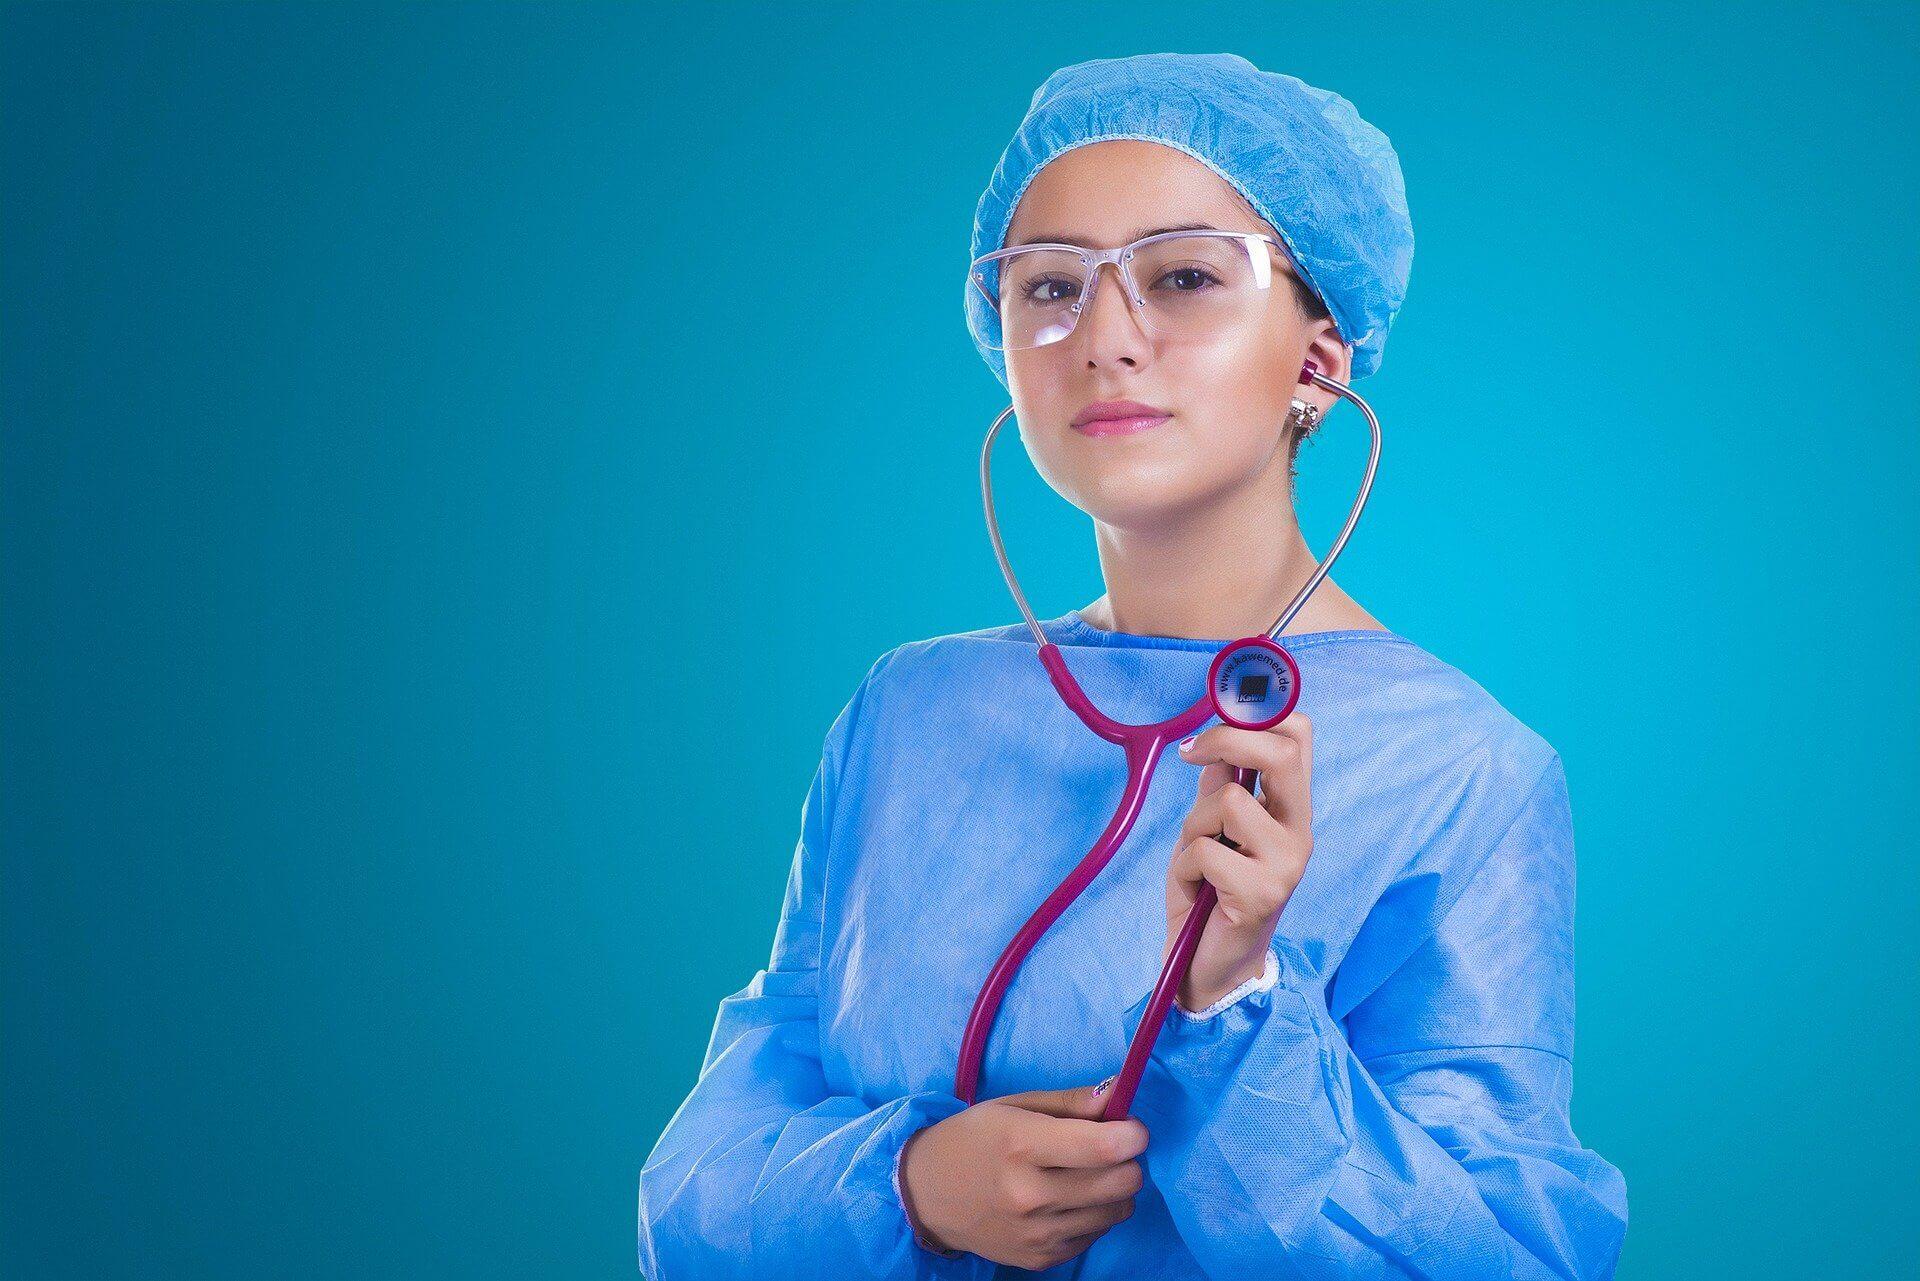 When You Receive a Wrong Medical Diagnosis